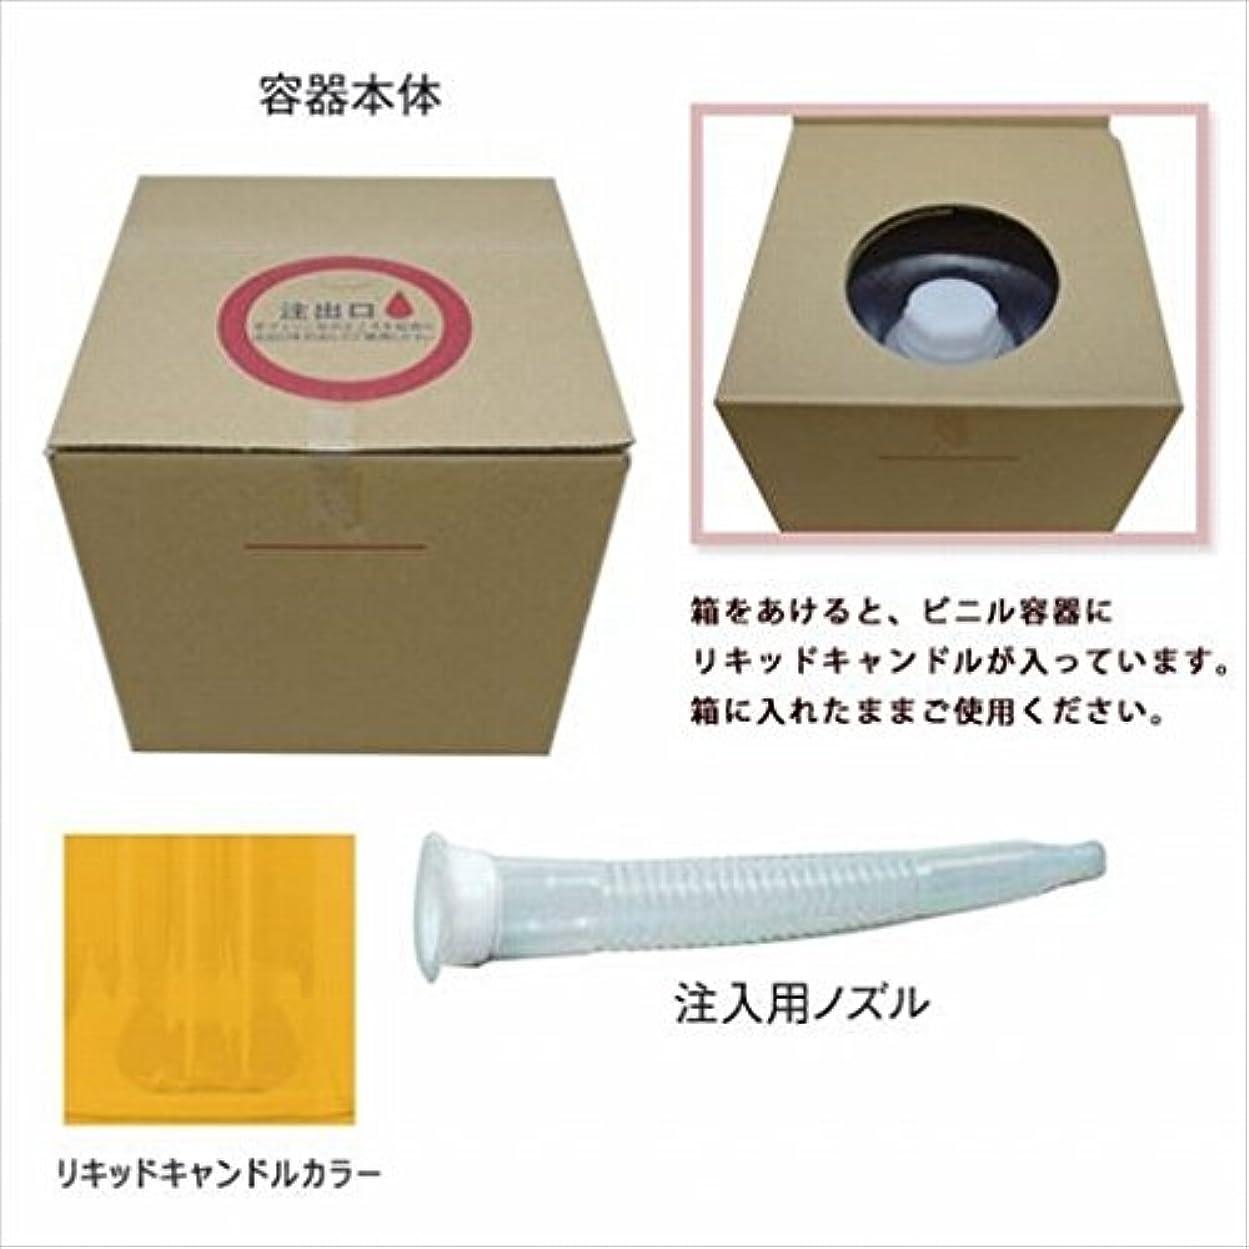 同封する徴収ライムカメヤマキャンドル(kameyama candle) リキッドキャンドル5リットル 「 イエロー 」